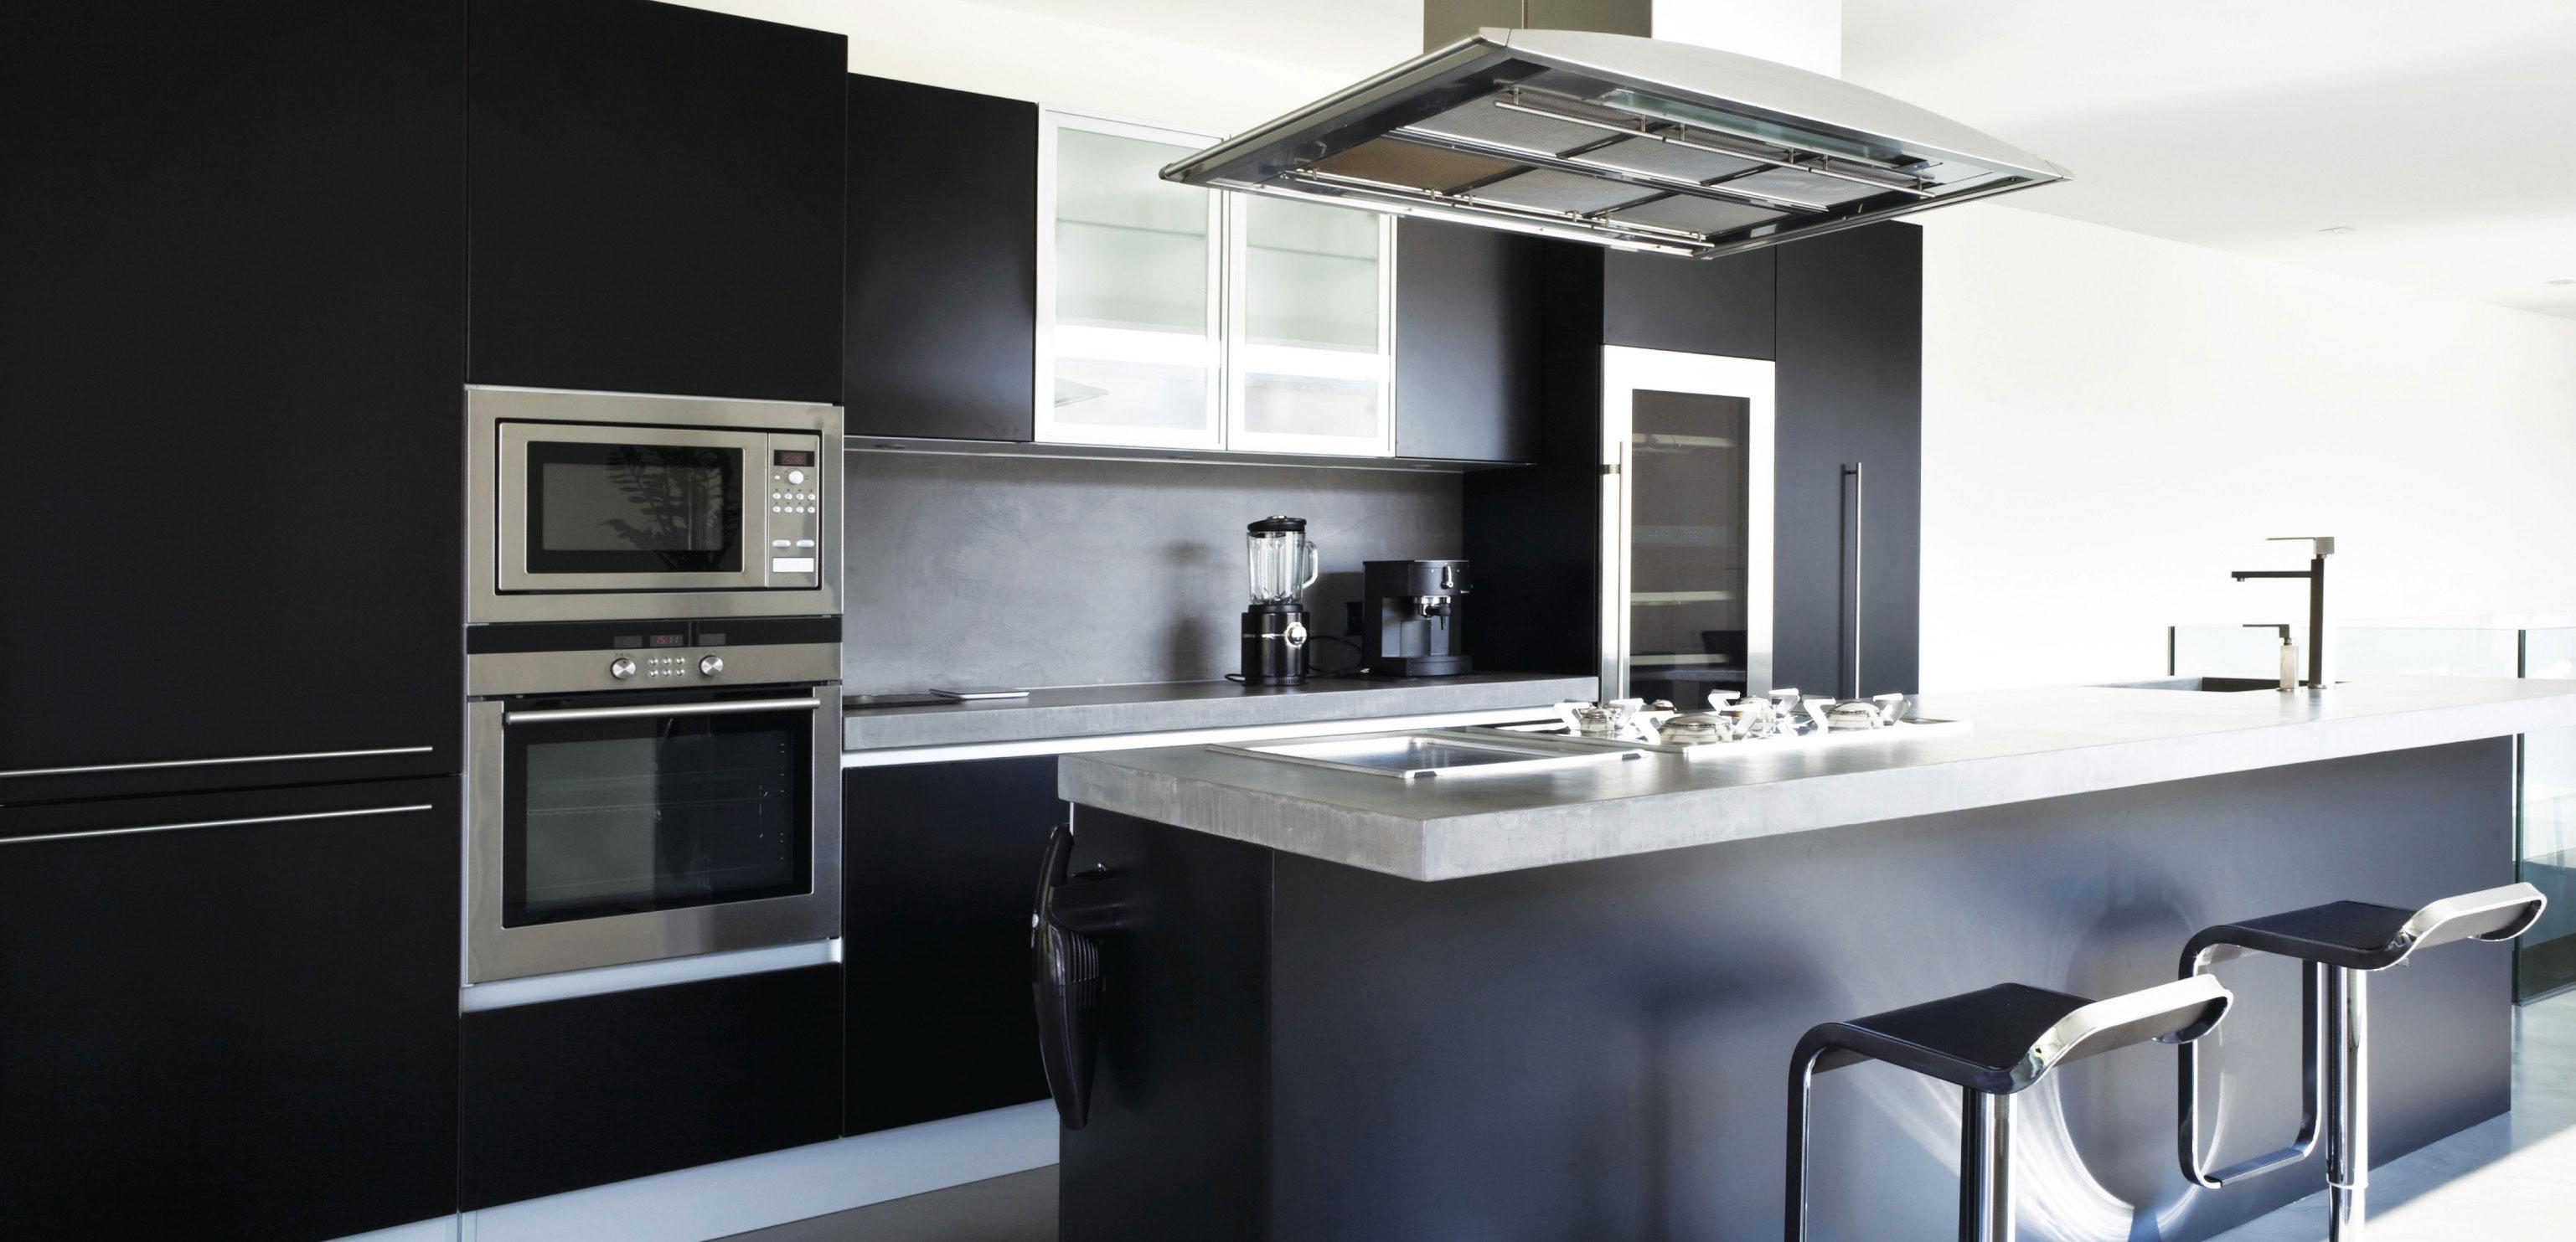 style contemporain d inspiration europ enne armoires en polym re c t chaleureux du bois mari. Black Bedroom Furniture Sets. Home Design Ideas